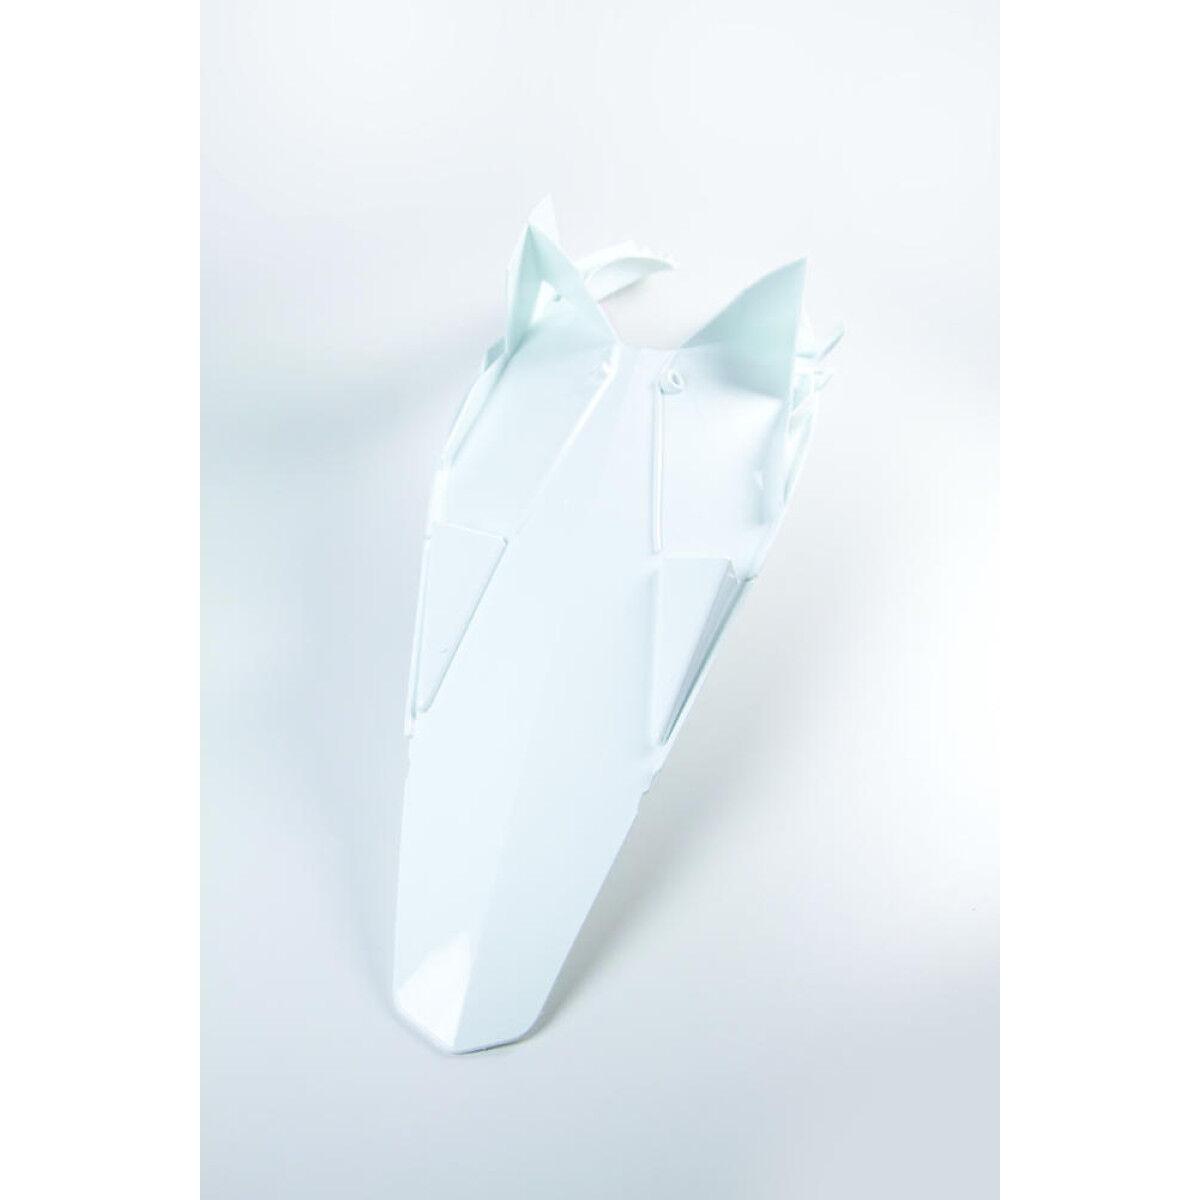 RTECH Kotflügel hinten passt an Husqvarna FE TE 125 250 350 450 501 14-16 weiß